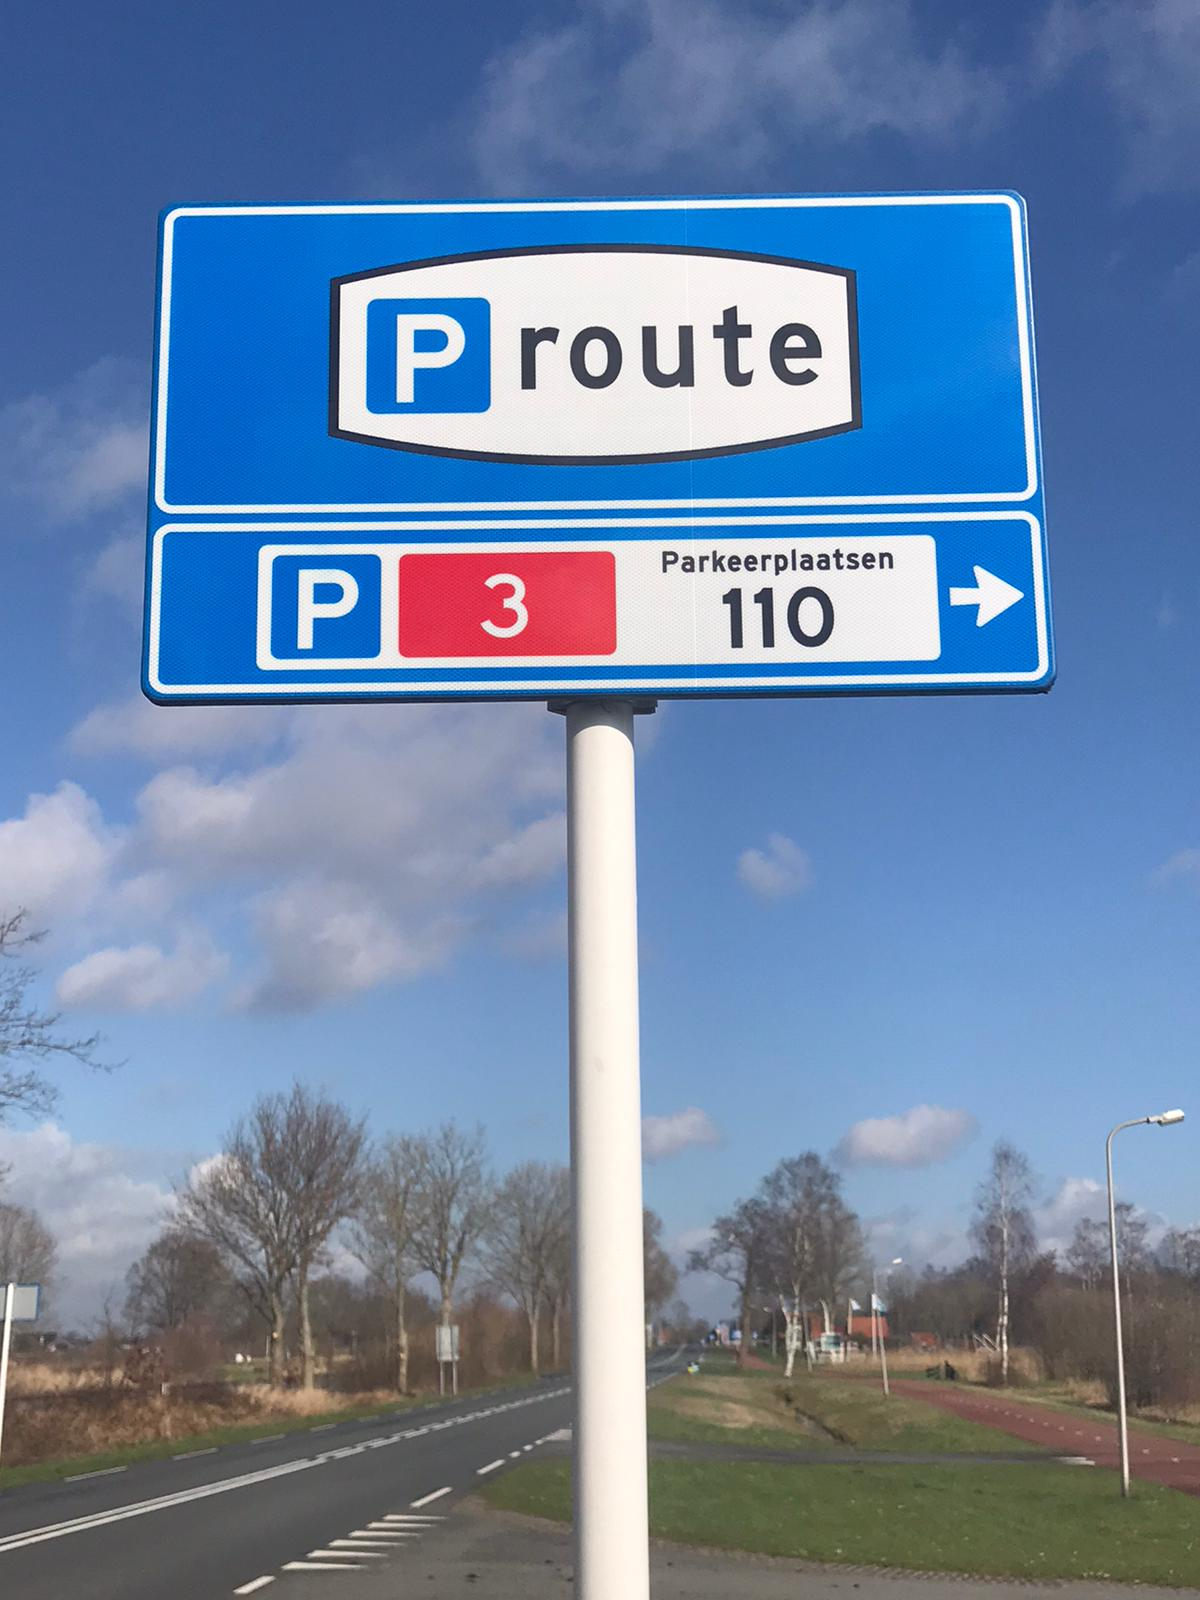 Parking in Giethoorn 4